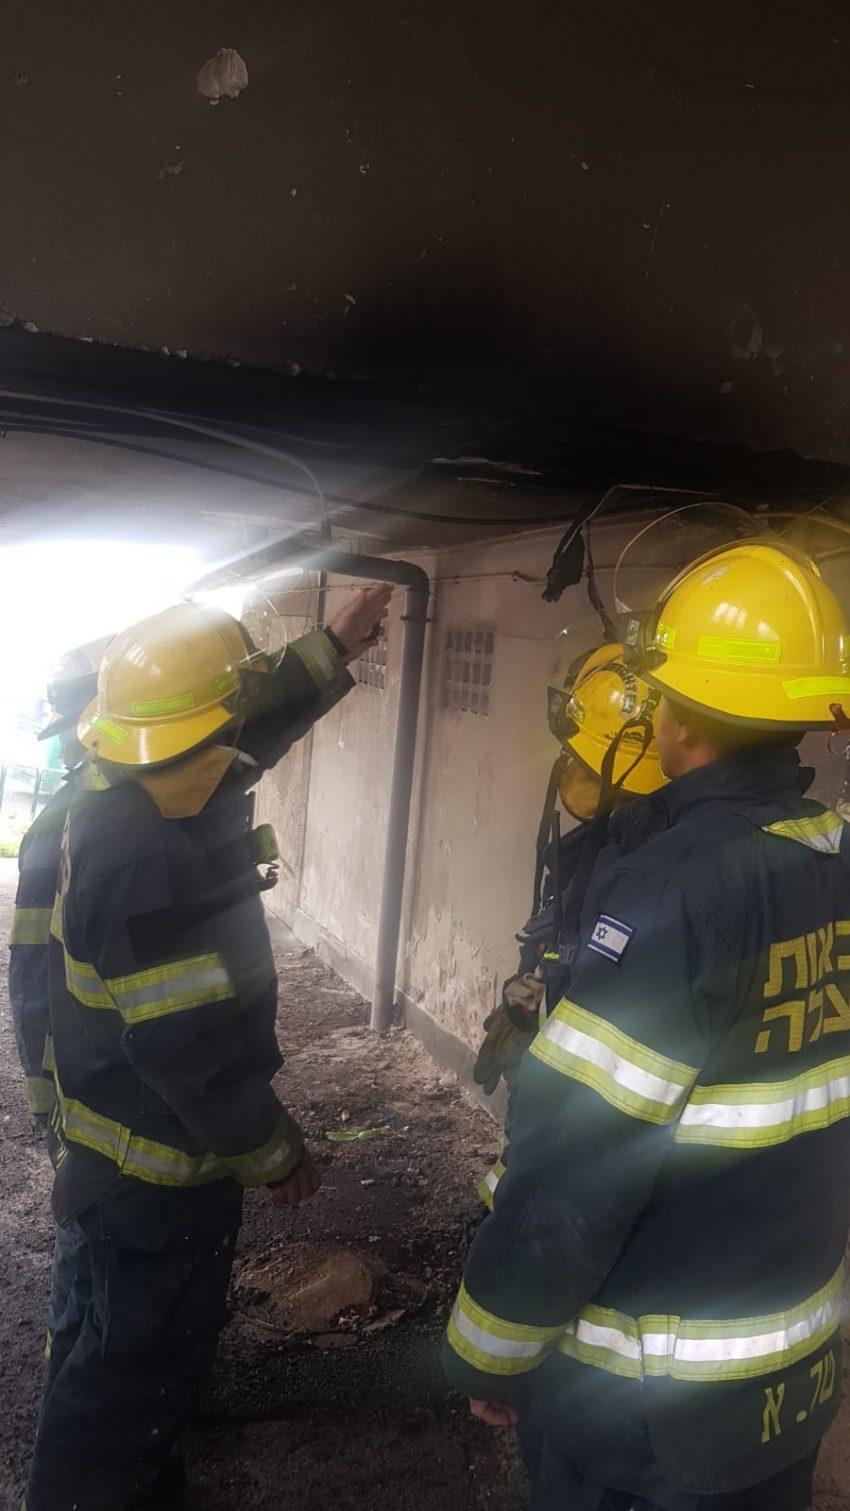 לוחמי אש באירוע ברחוב הרצל (צילום: דוברות שירותי הכבאות וההצלה)